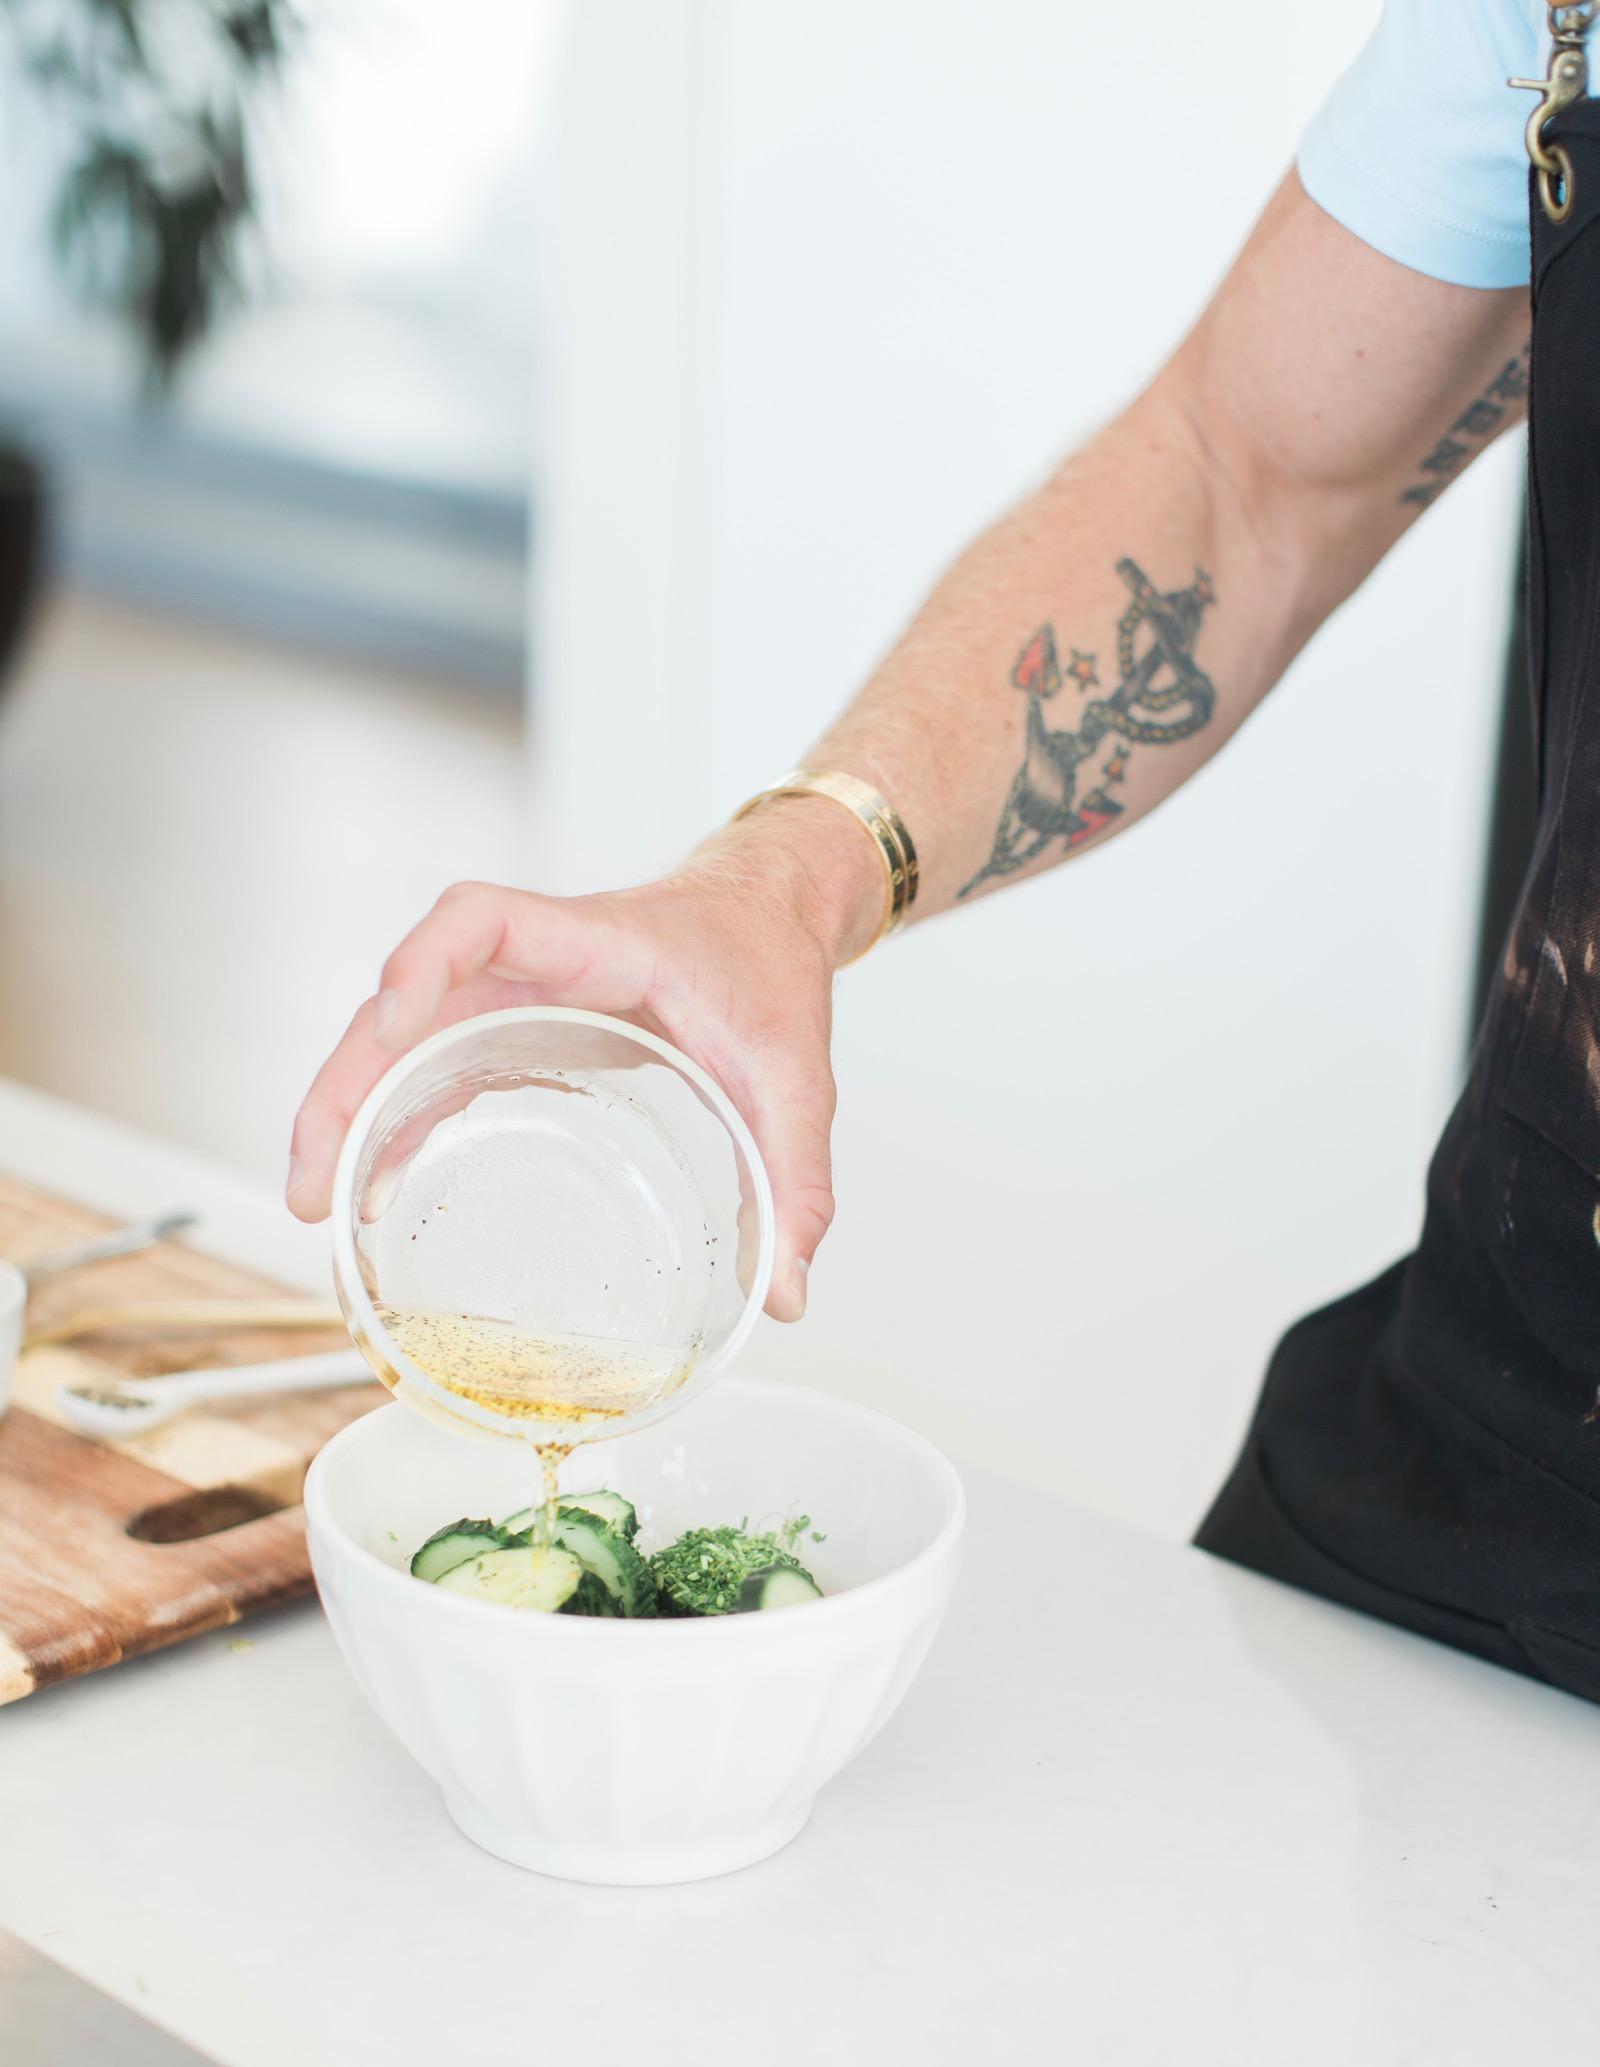 Easy Apple Cider Vinegar Cucumber Salad Recipe